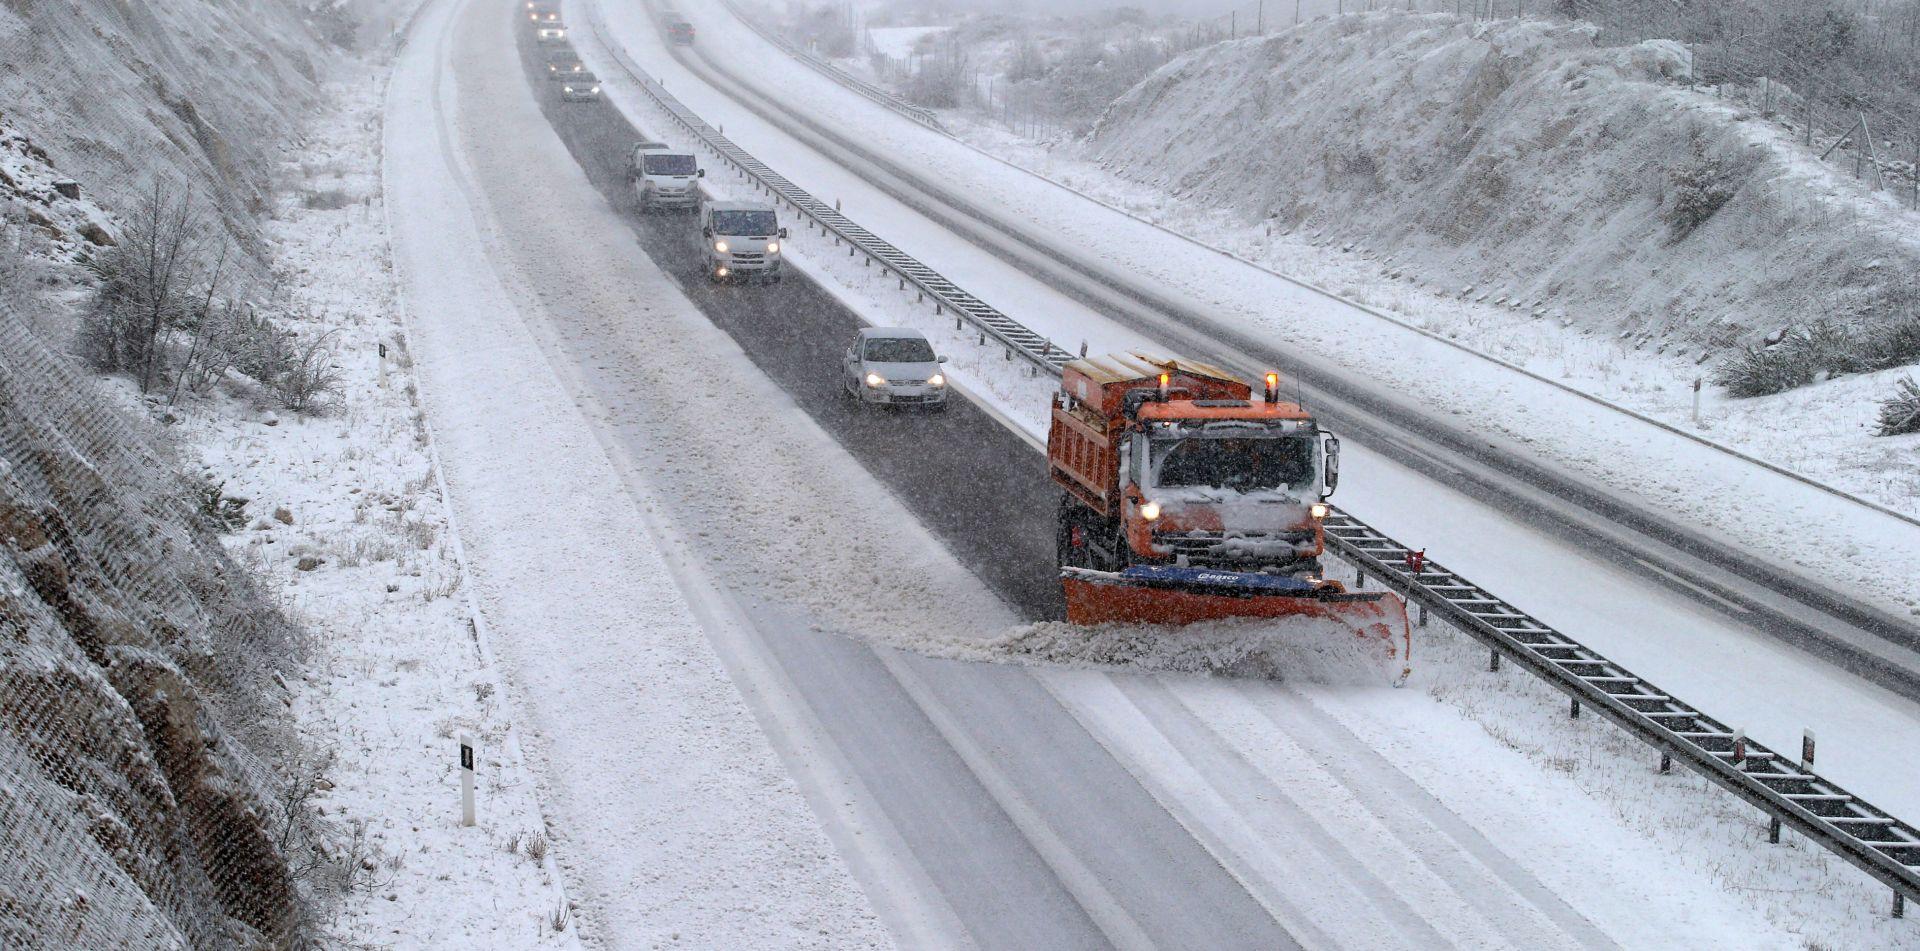 HAK Teški uvjeti u prometu, ograničenja u cestovnom i pomorskom prometu zbog zimskih uvjeta i jakog vjetra